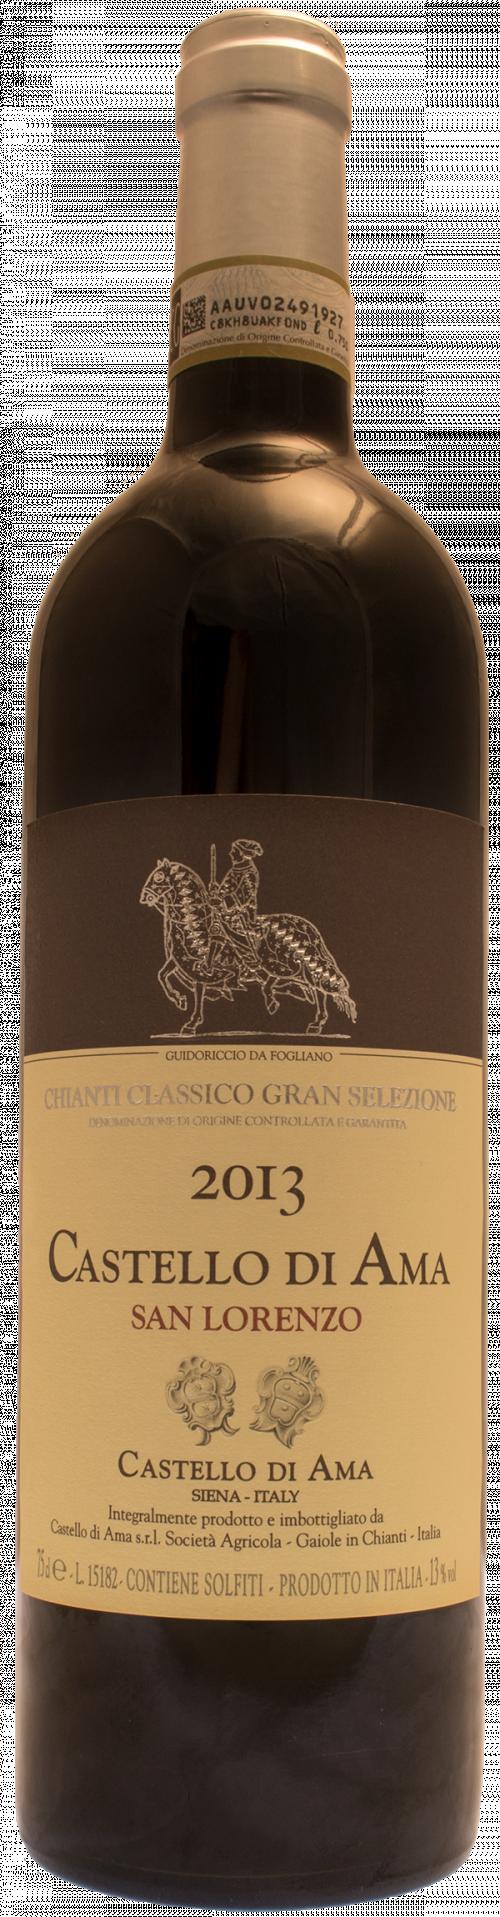 2016 Castello Di Ama San Lorenzo Chianti Classico Gran Selezione 750ml